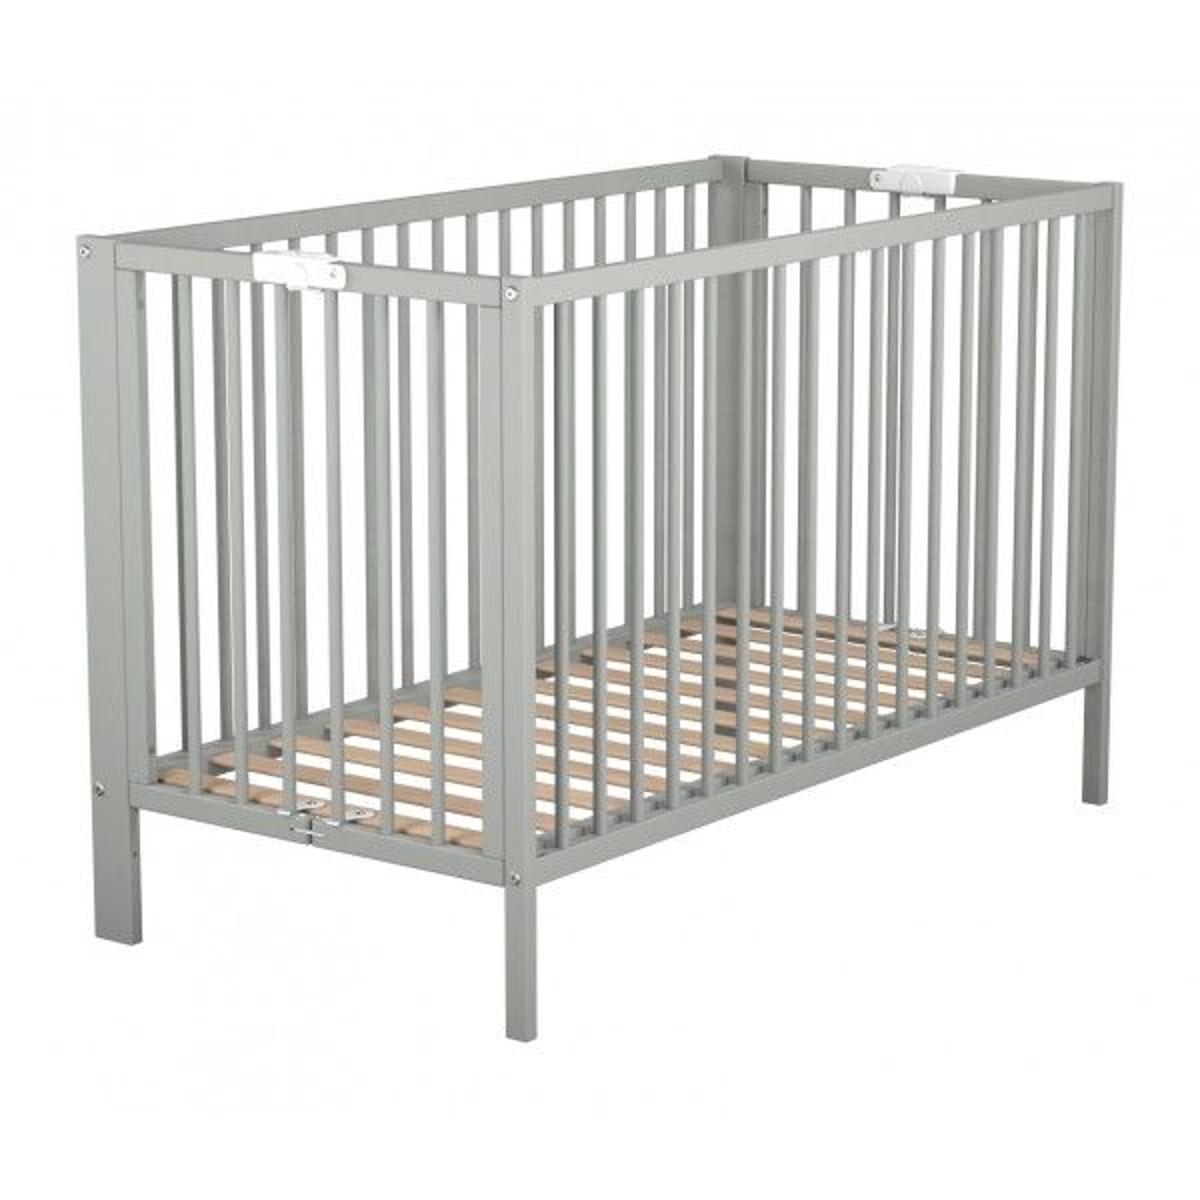 Lit bébé pliant en bois laqué gris sommier intégré à la structure